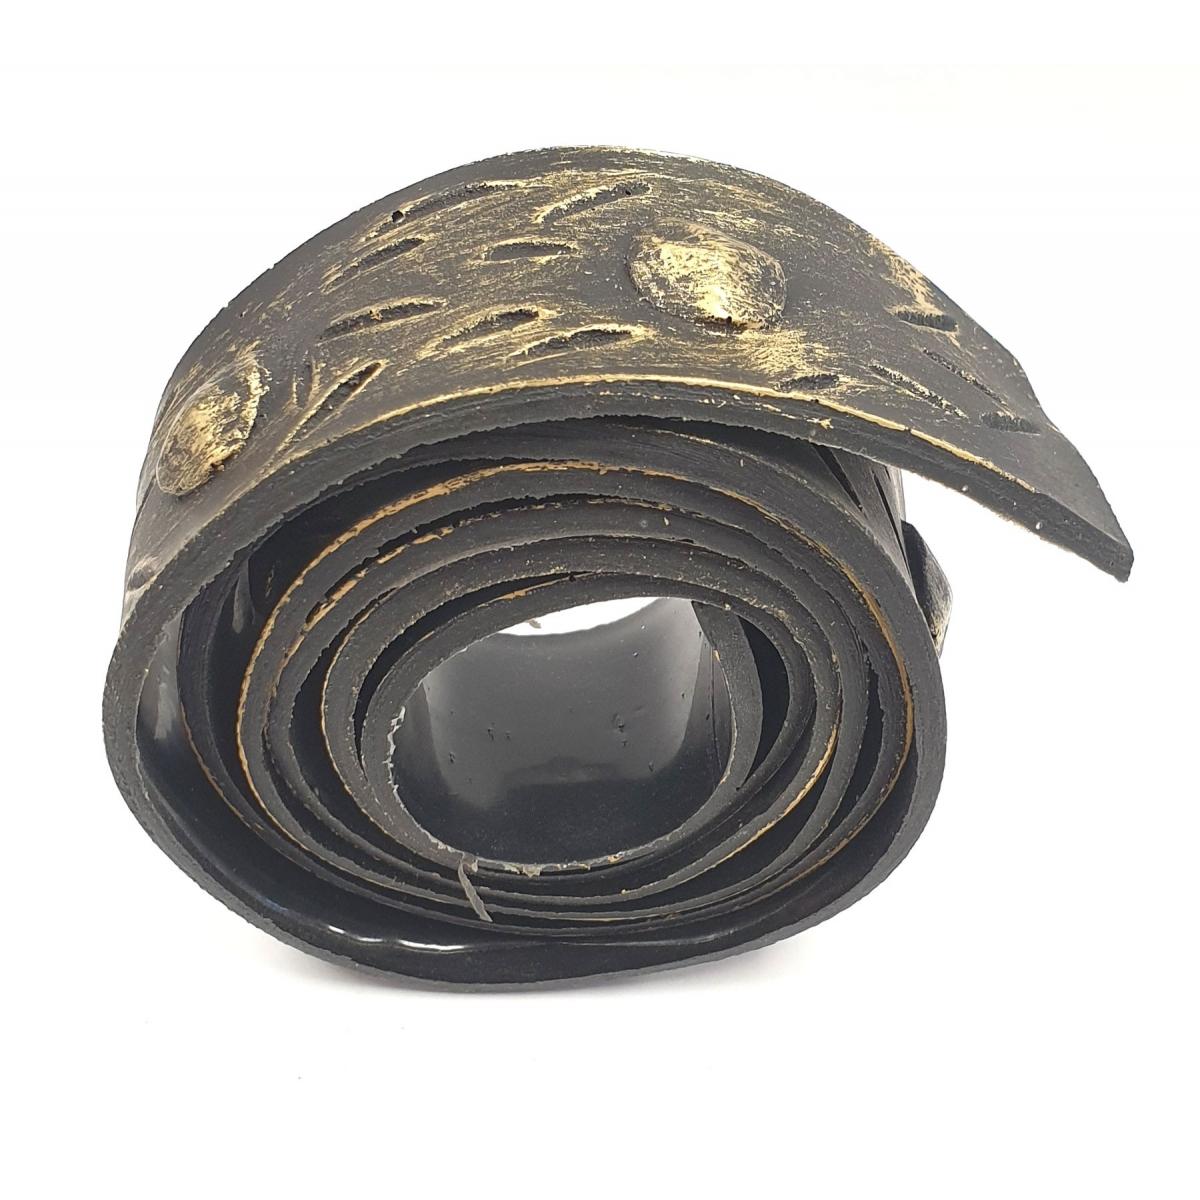 Rollo de unión imitación a forja 4 cm ancho oro viejo Grupo Unamacor